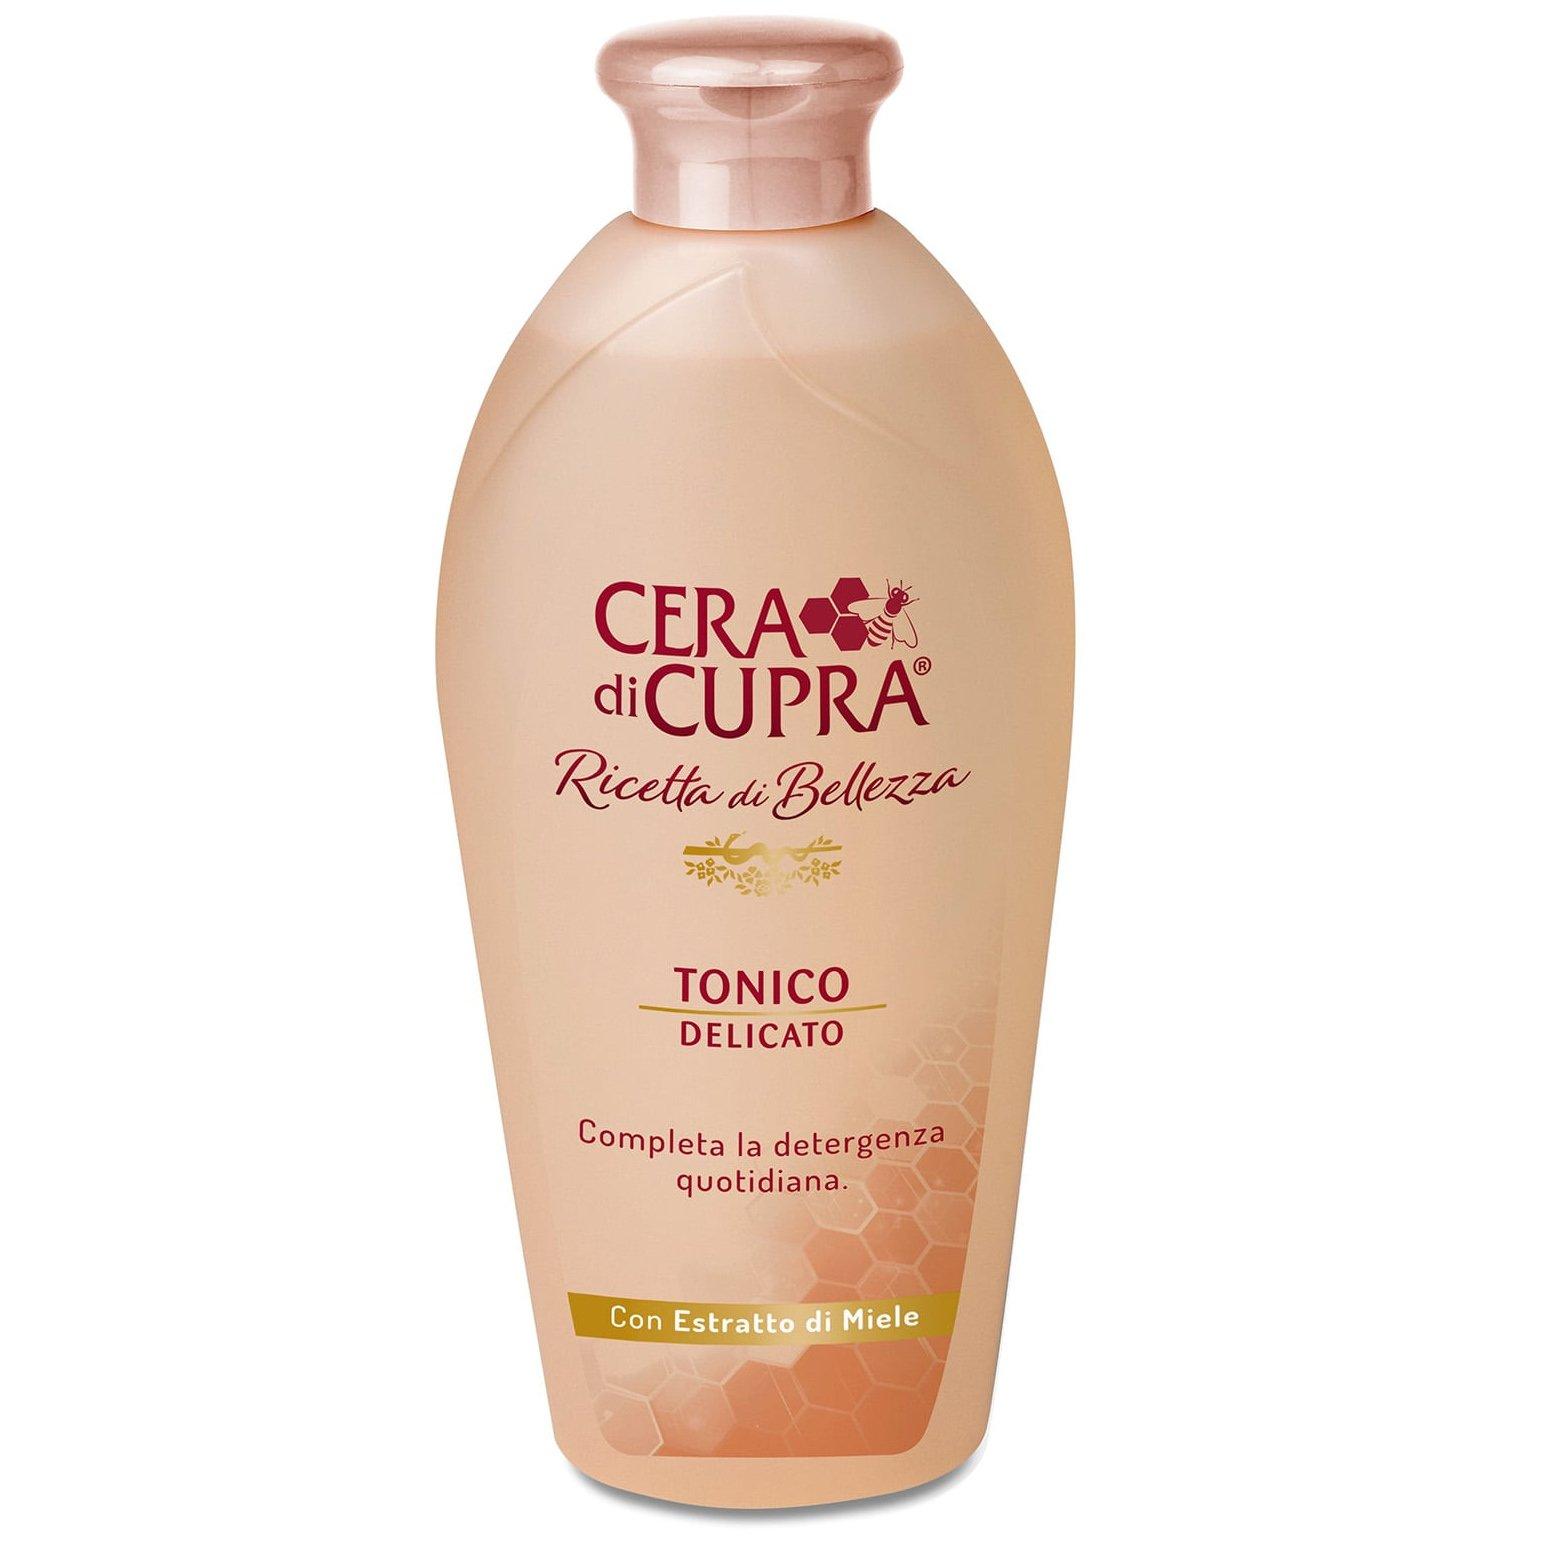 Cera di Cupra Tonico Τονωτική Λοσιόν Χωρίς Αλκοόλ 200ml